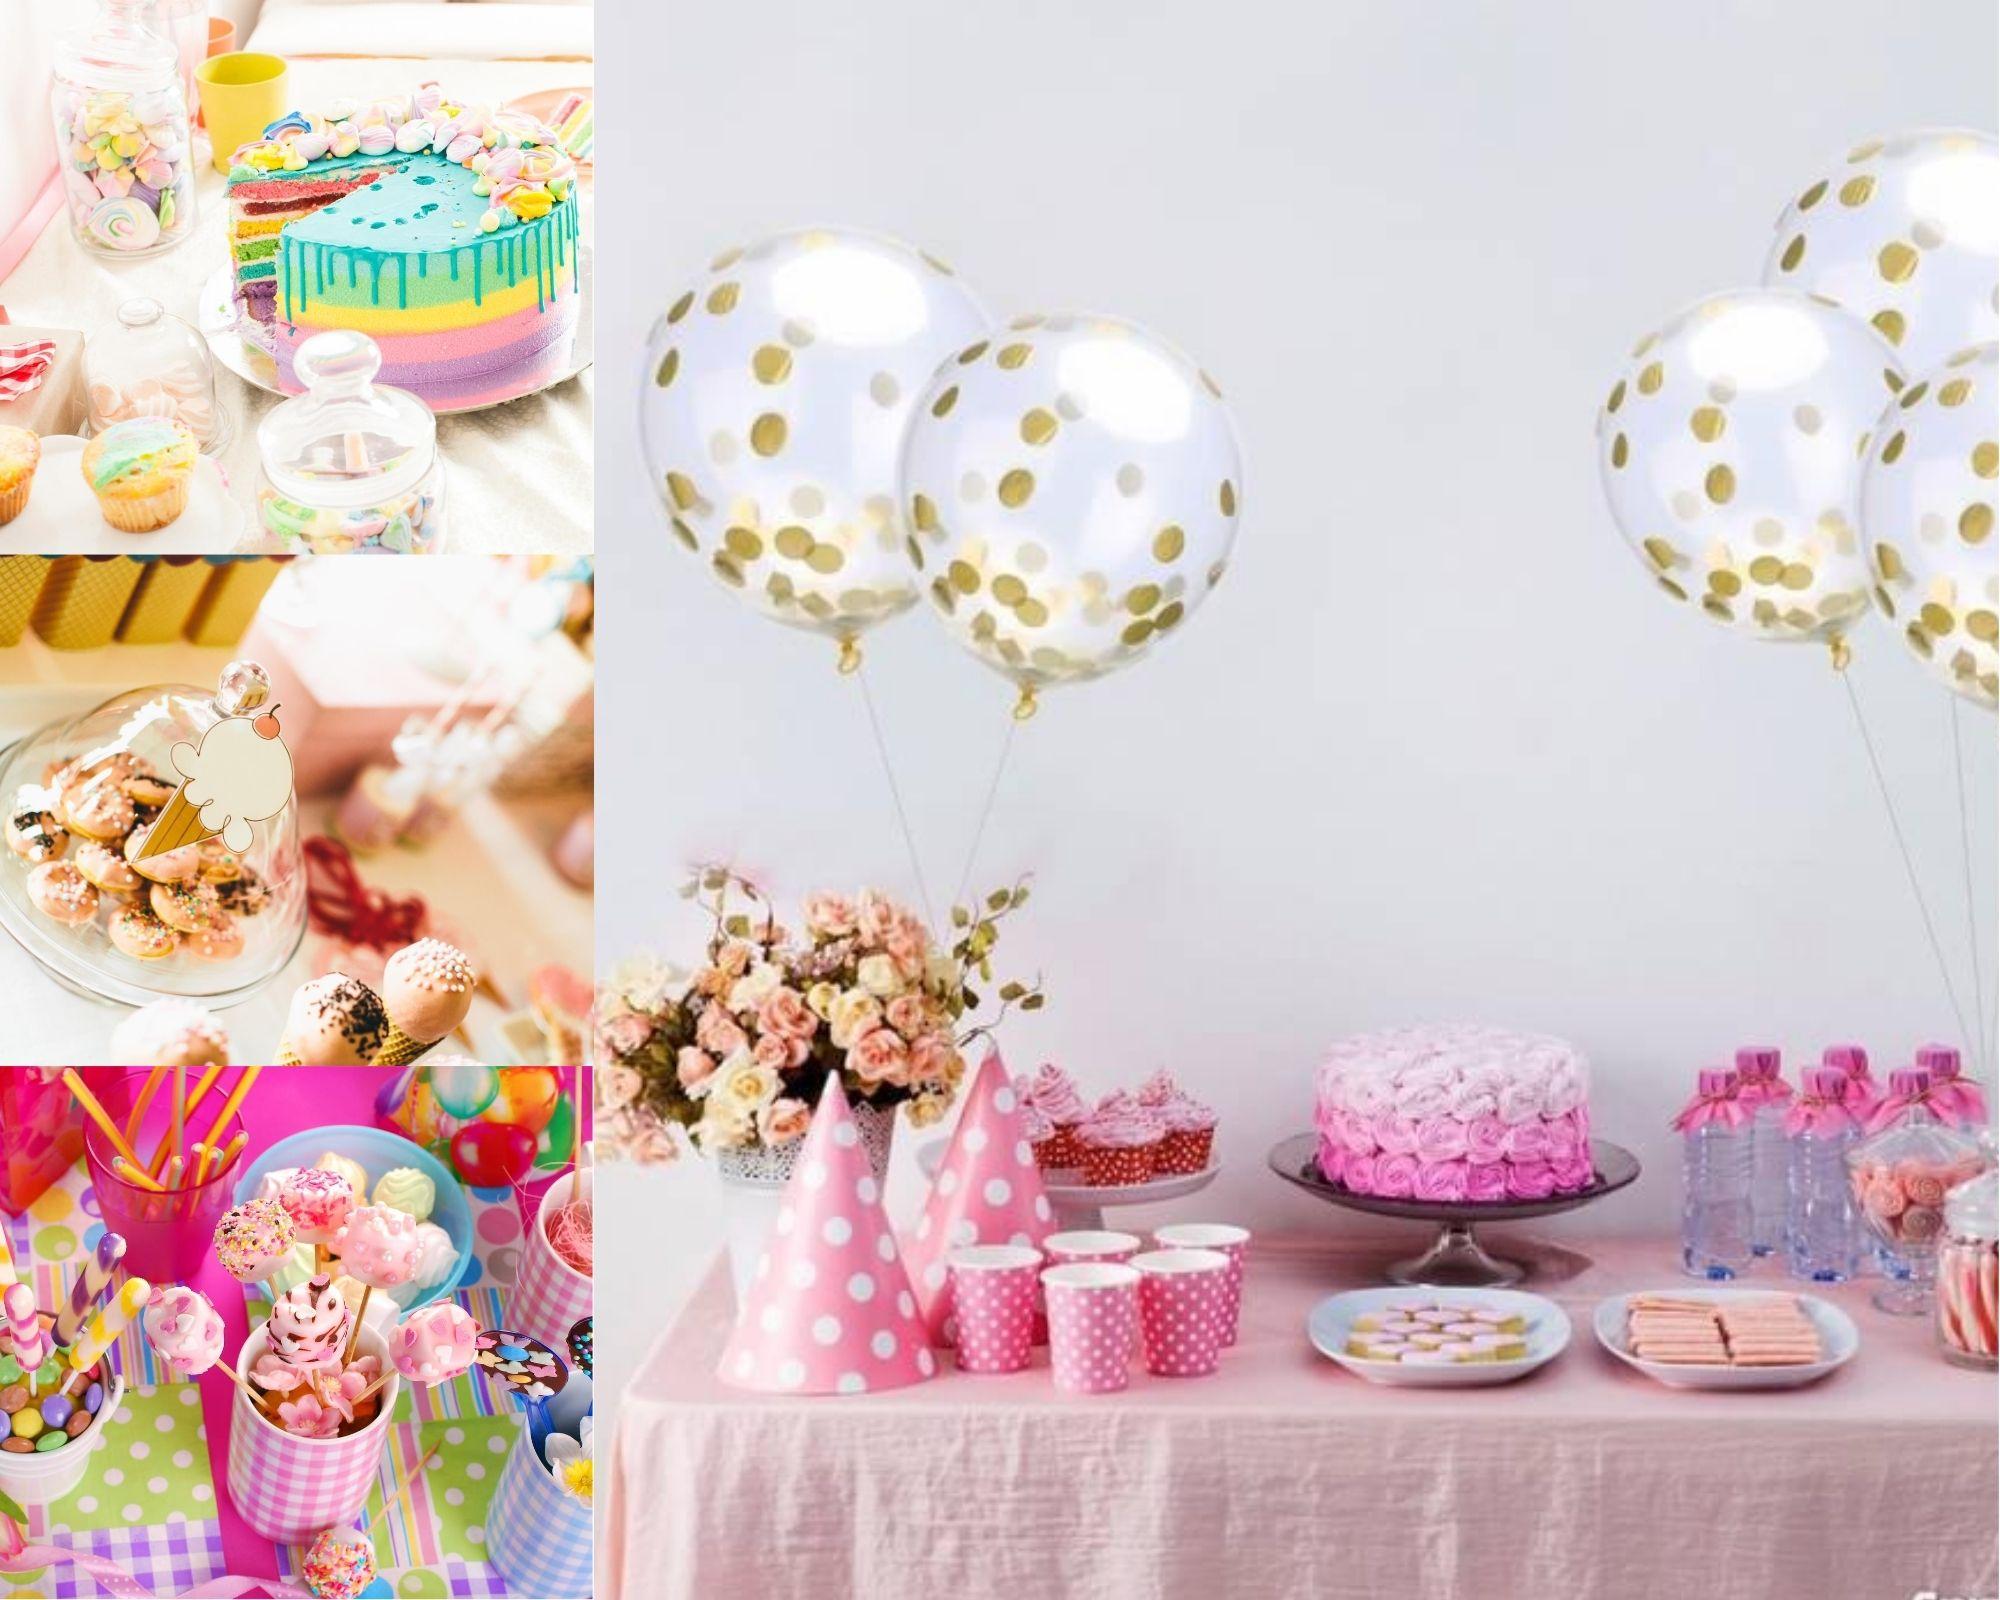 szwedzki stół na imprezie urodzinowej